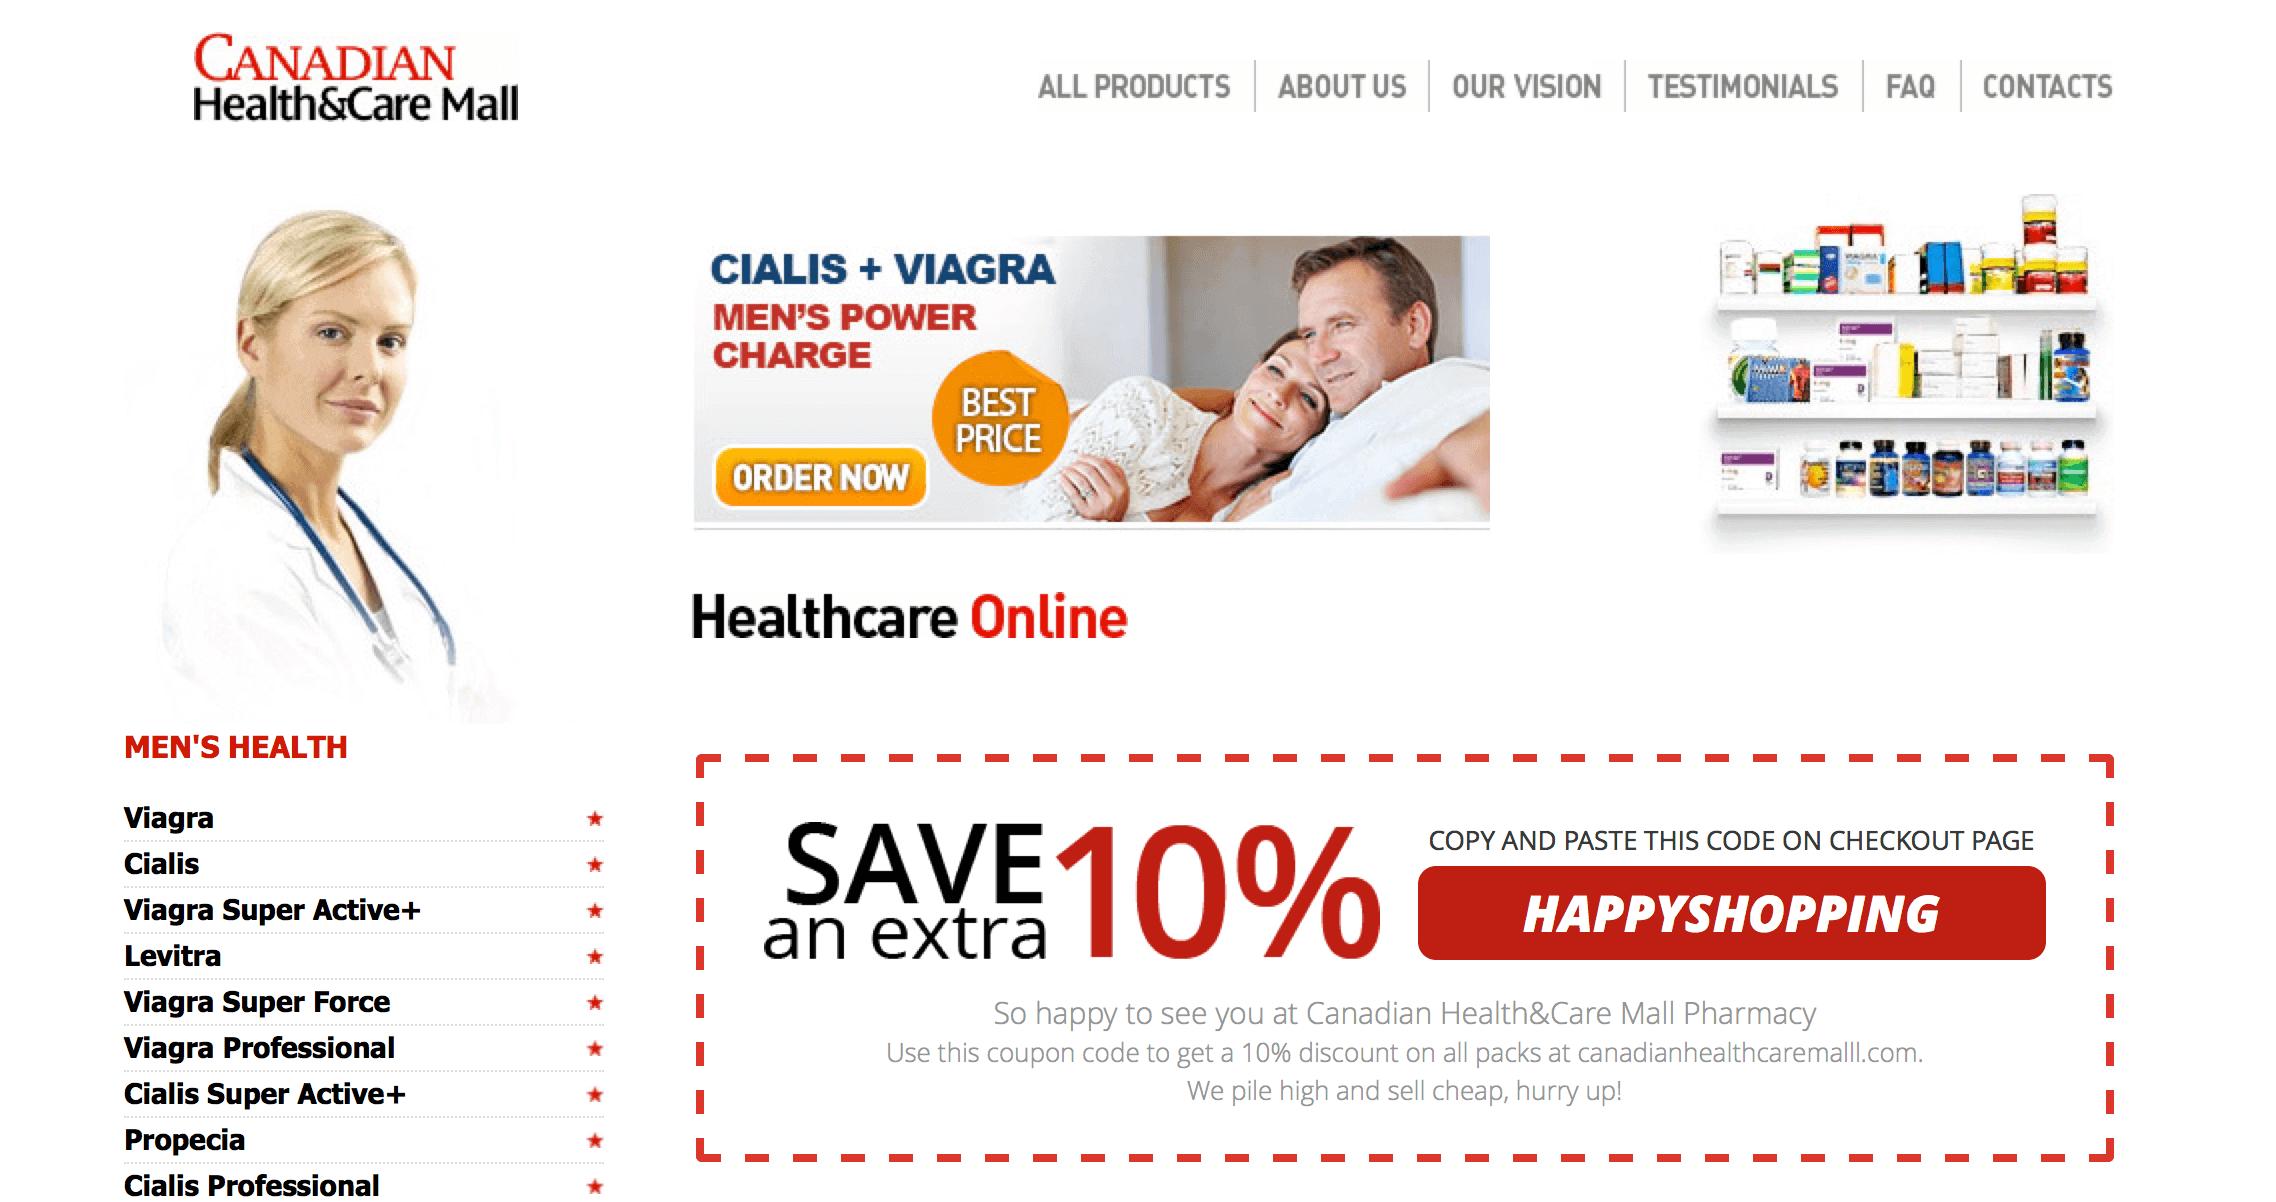 CanadianHealthCareMalll.com Pharmacy Review